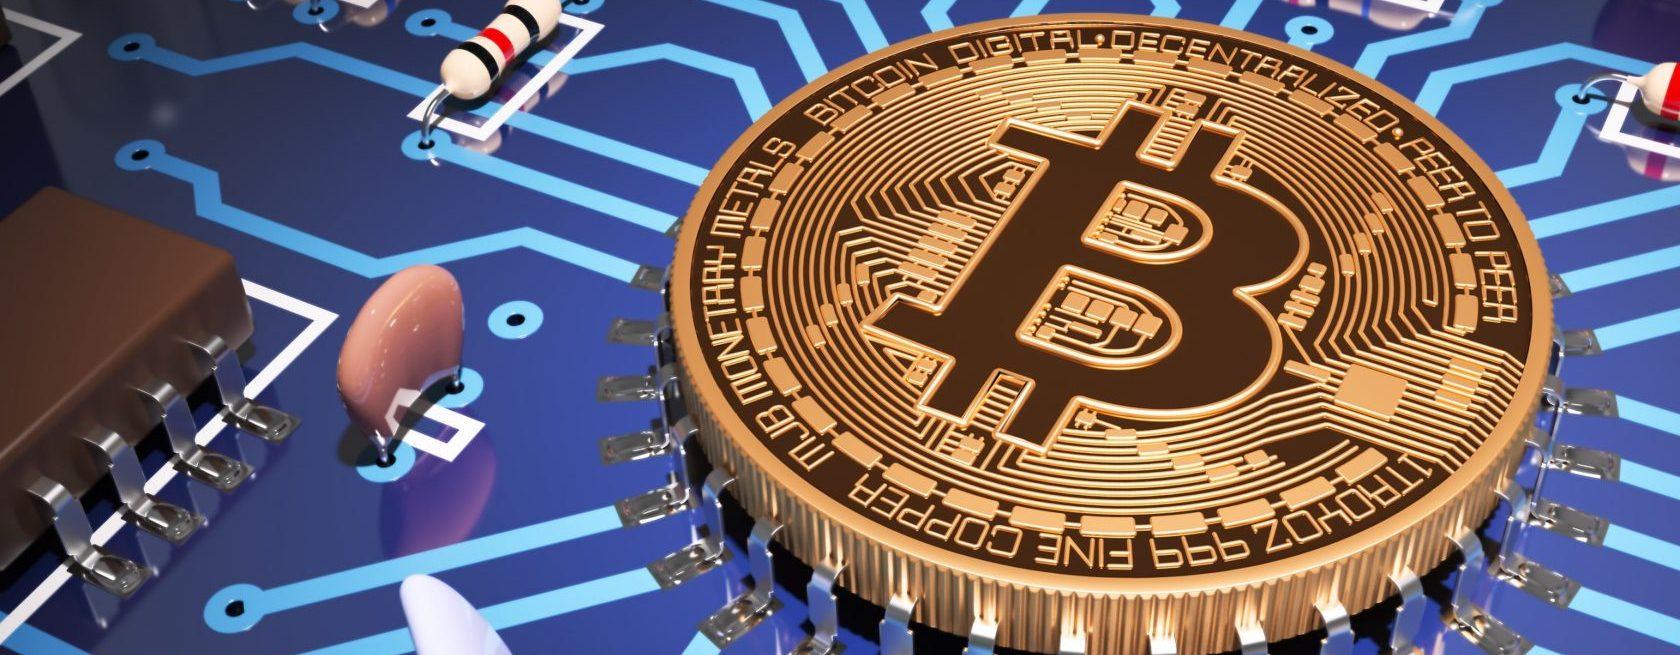 Les avantages de l'utilisation du bitcoin